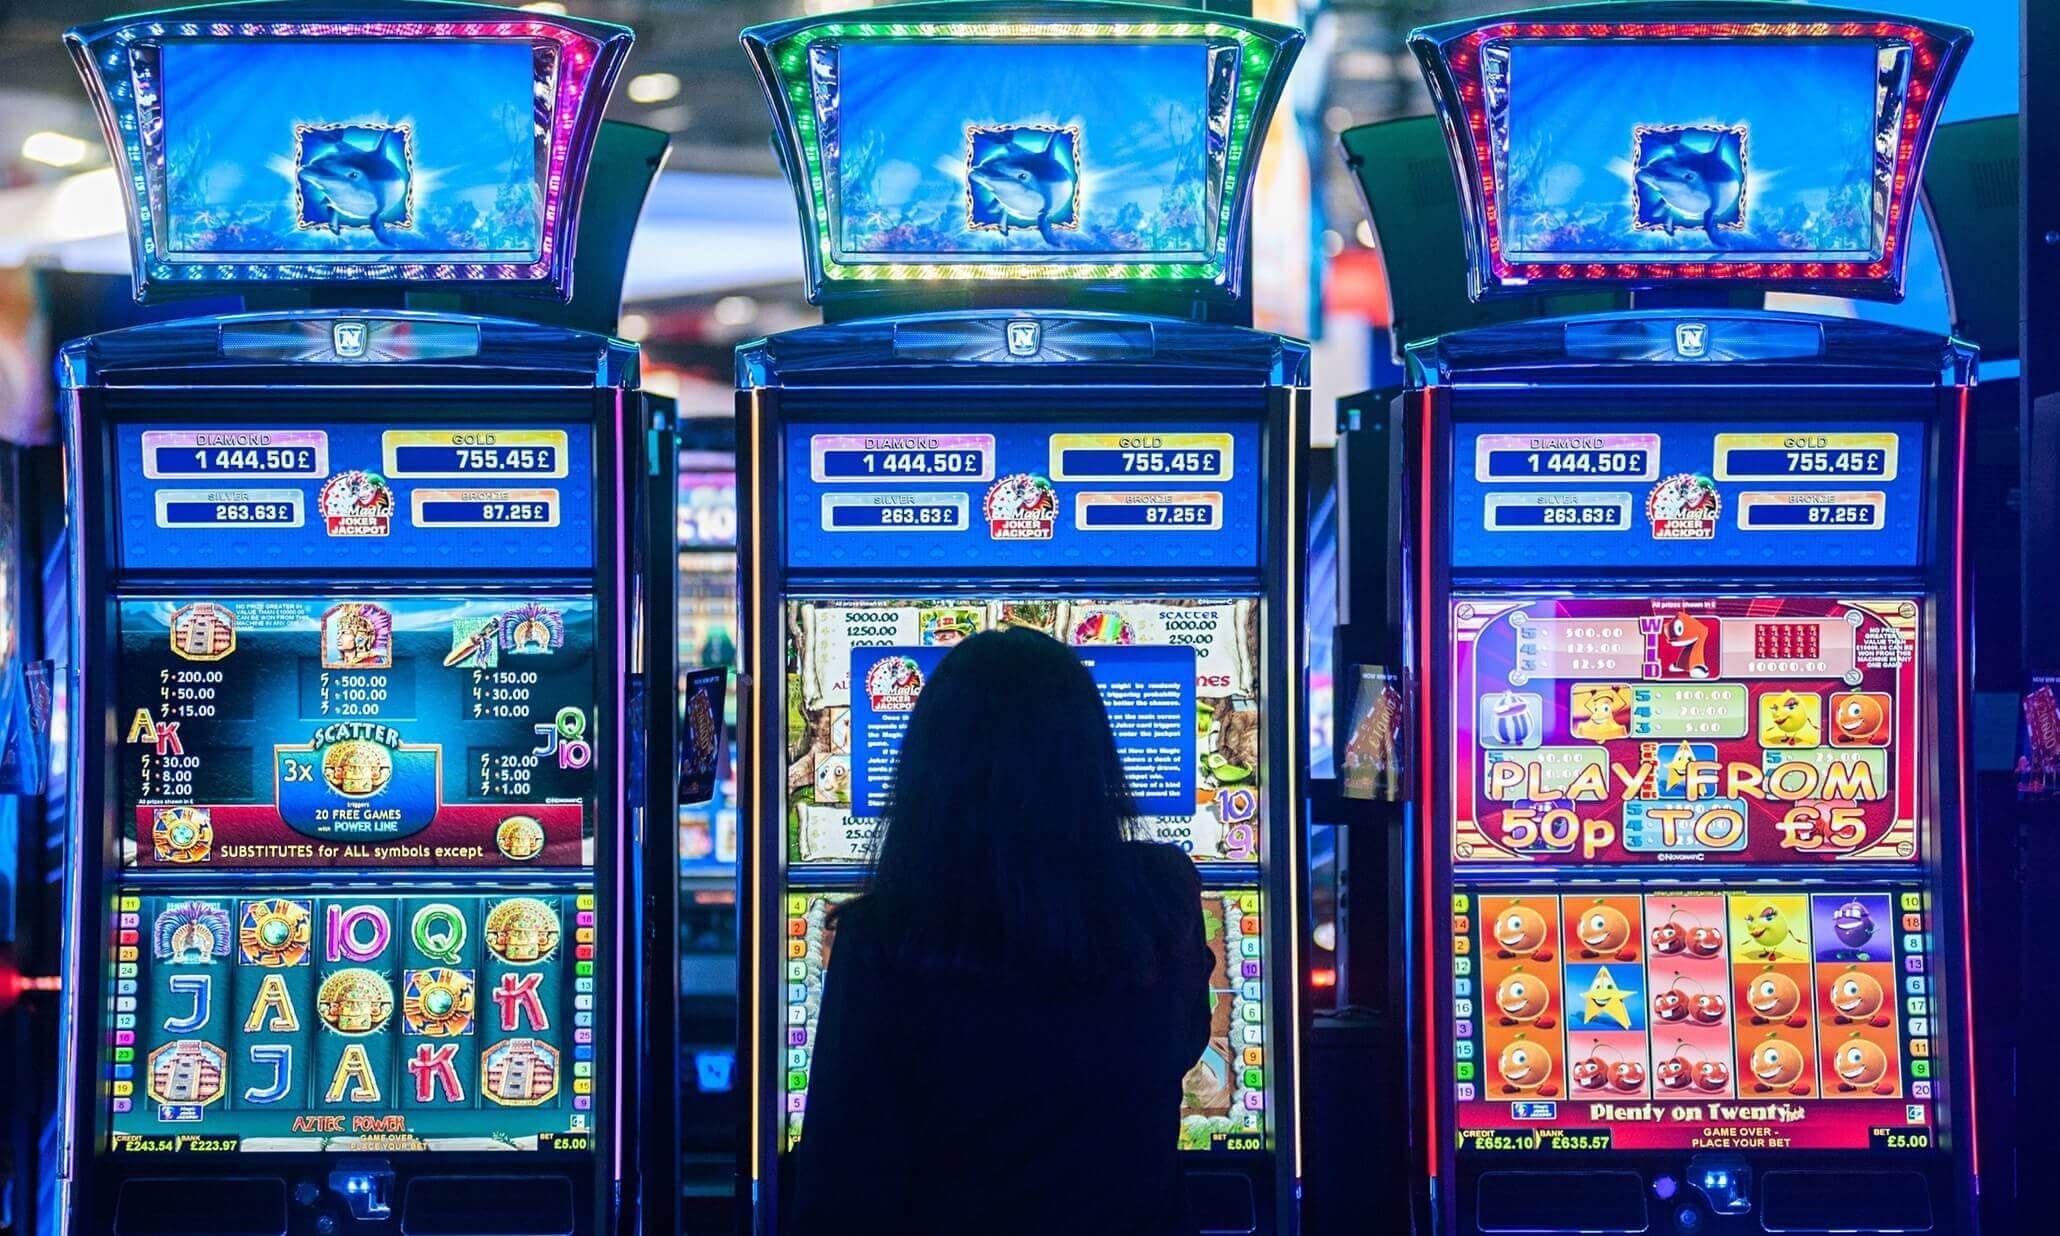 Скачать игровые автоматы на люмию 640 бесплатно адмирал игровые автоматы играть бесплатно и без регистрации